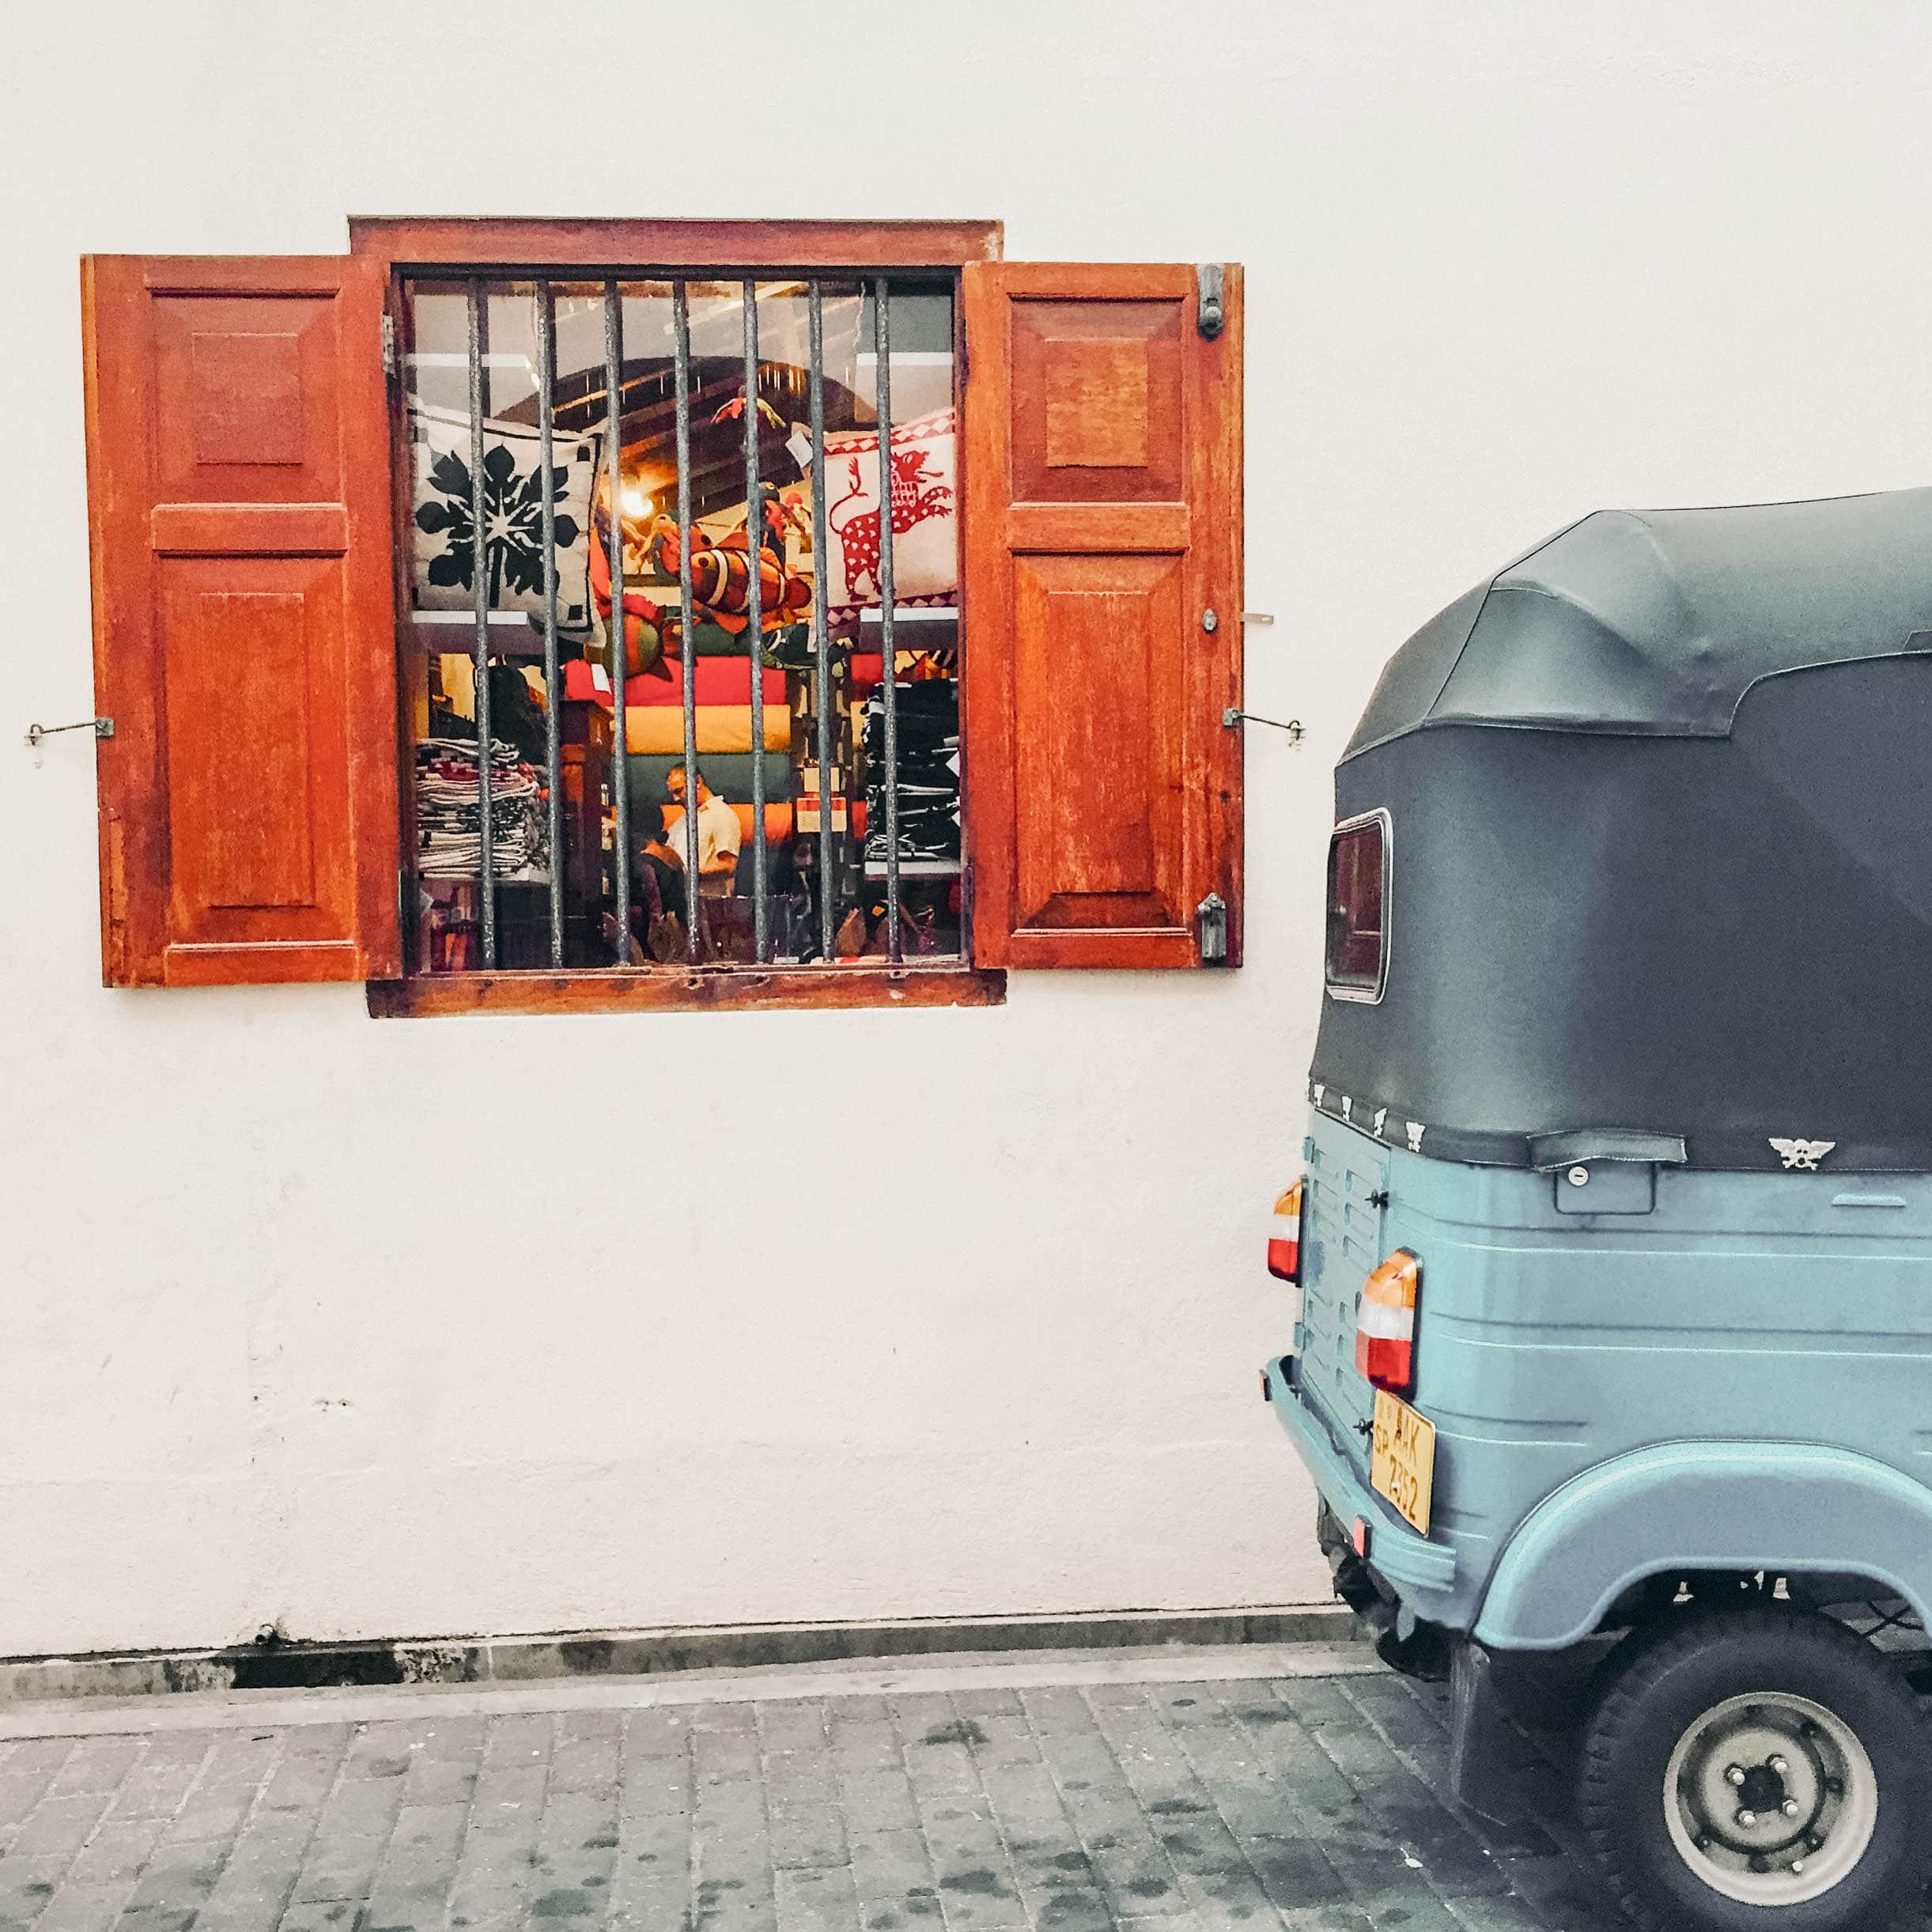 Shopfenster in Galle Fort mit Tuktuk